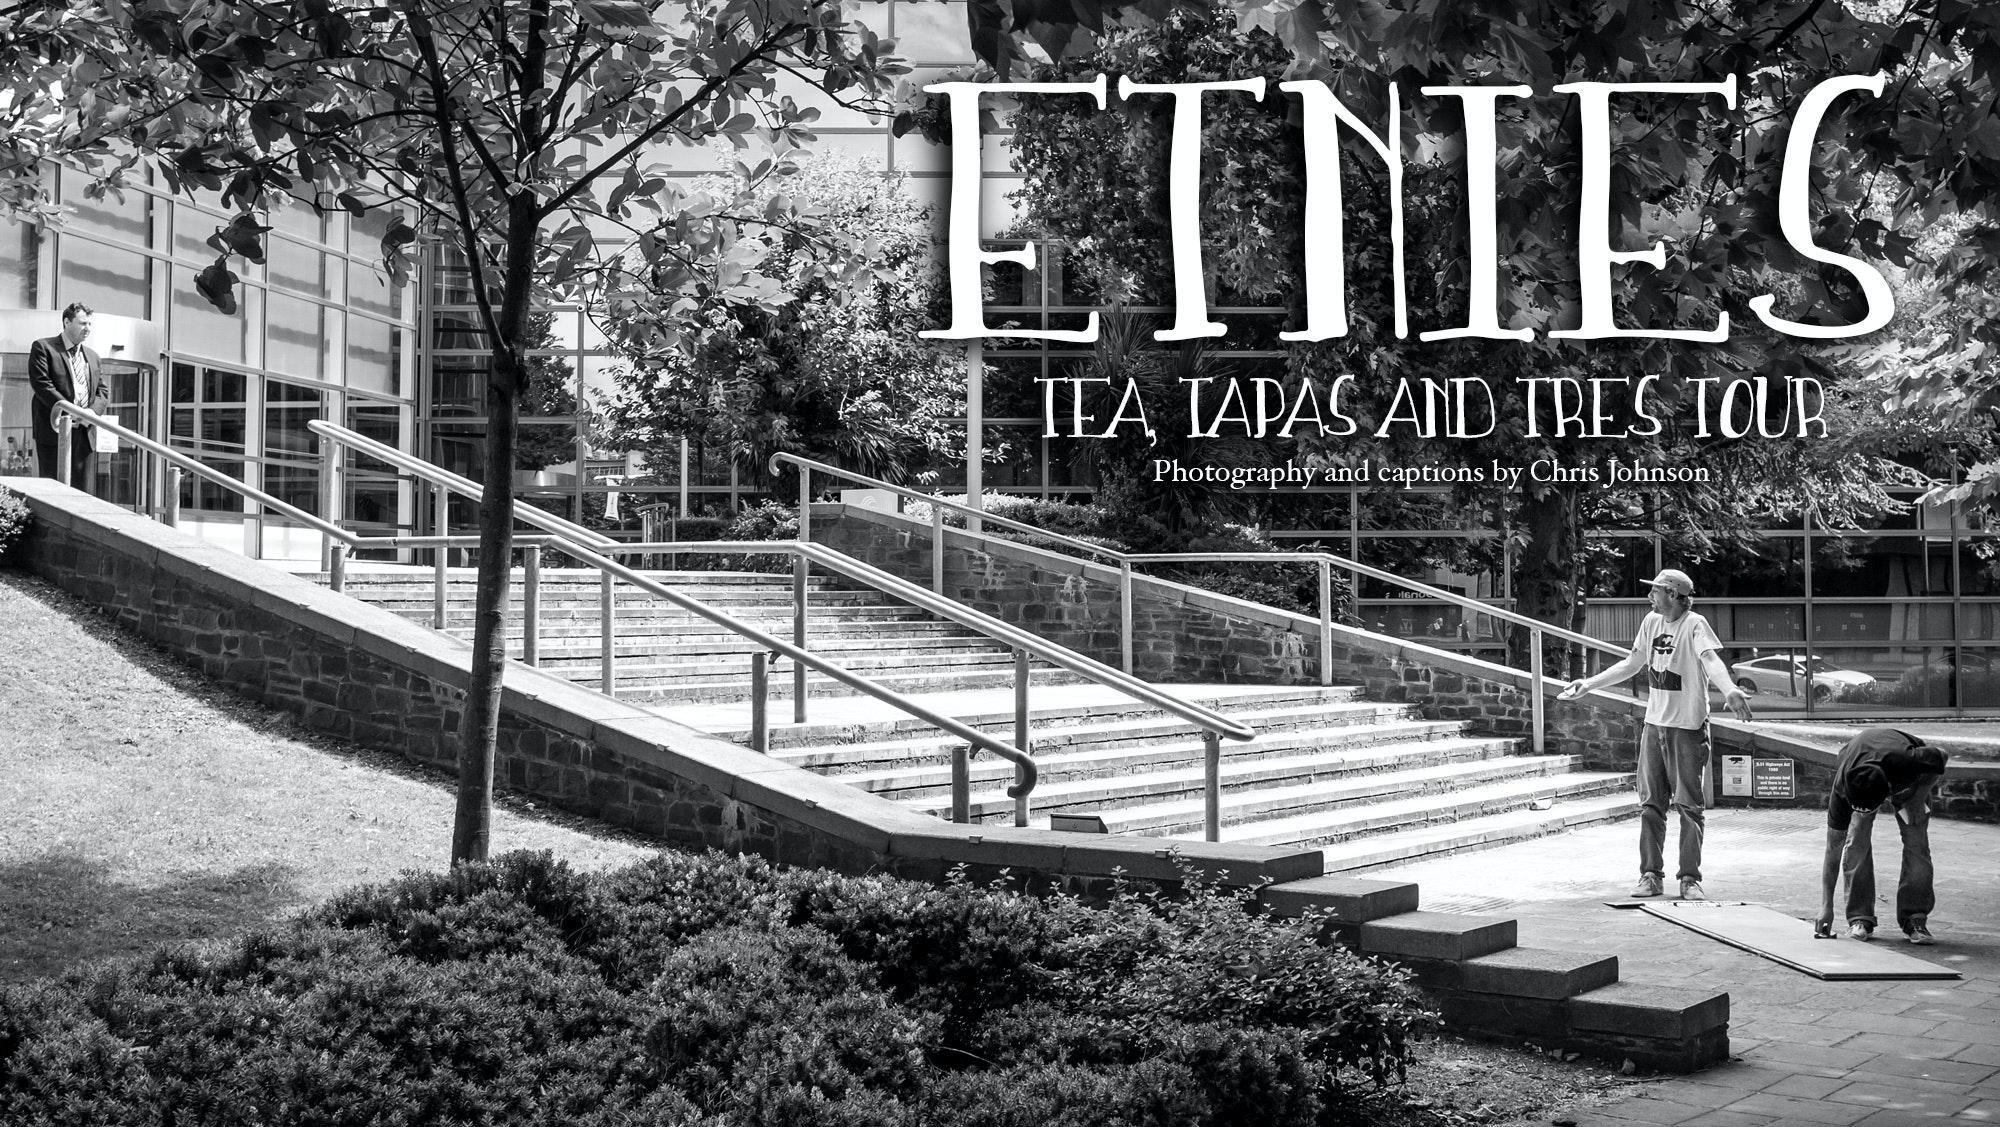 Etnies – tea, tapas and tres